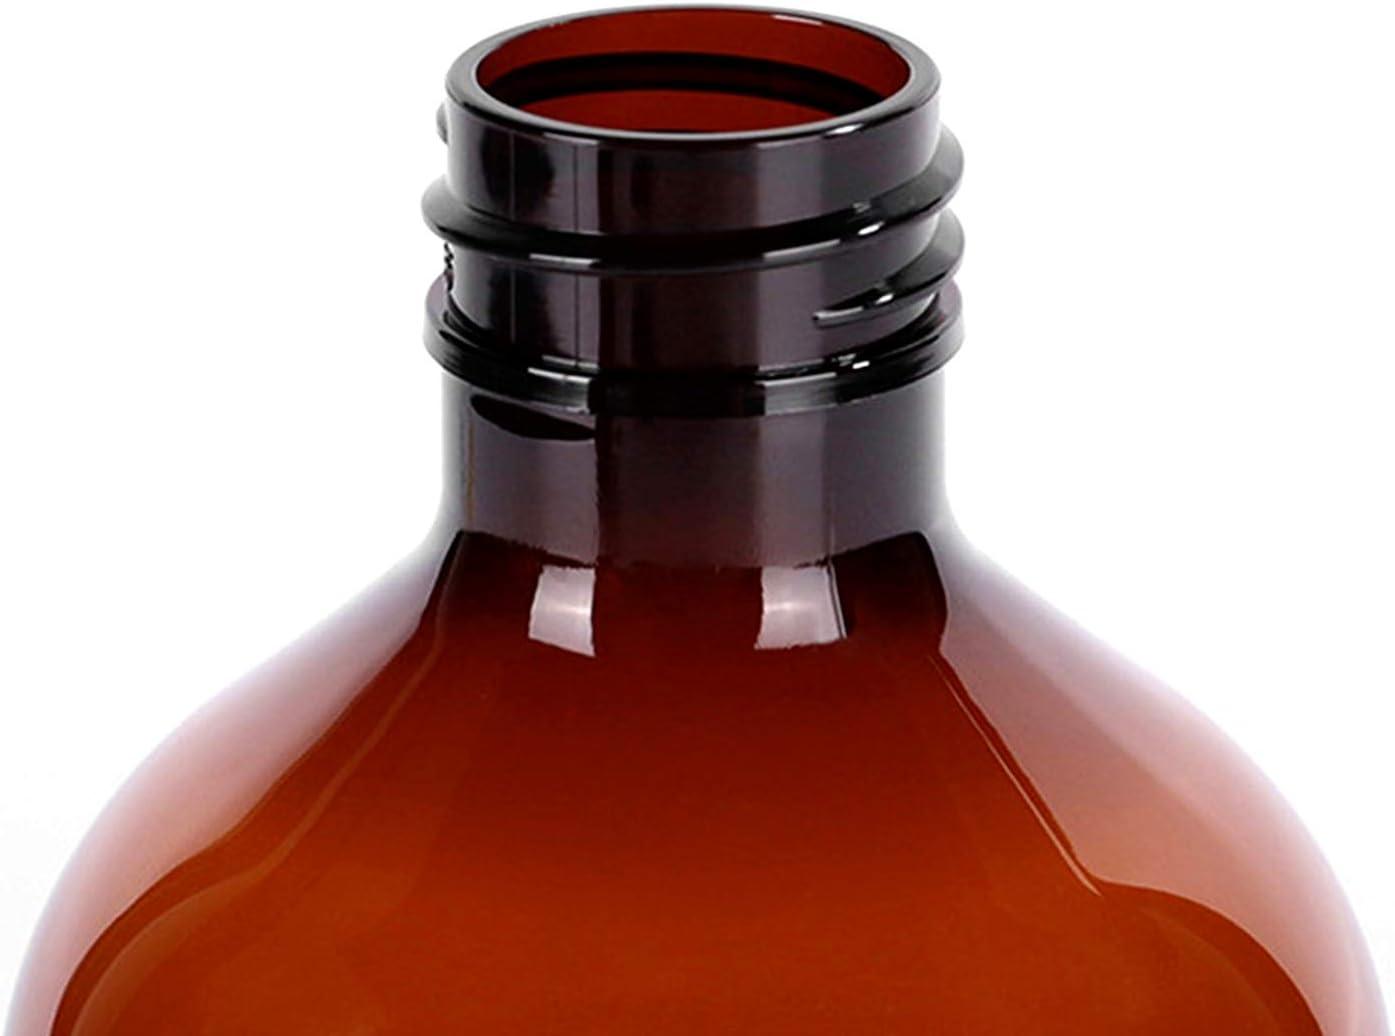 Bocotoer 500 ml Homes Bottiglia in vetro marrone vuota bottiglia spray in vetro marrone per piante parrucchieri confezione da 2